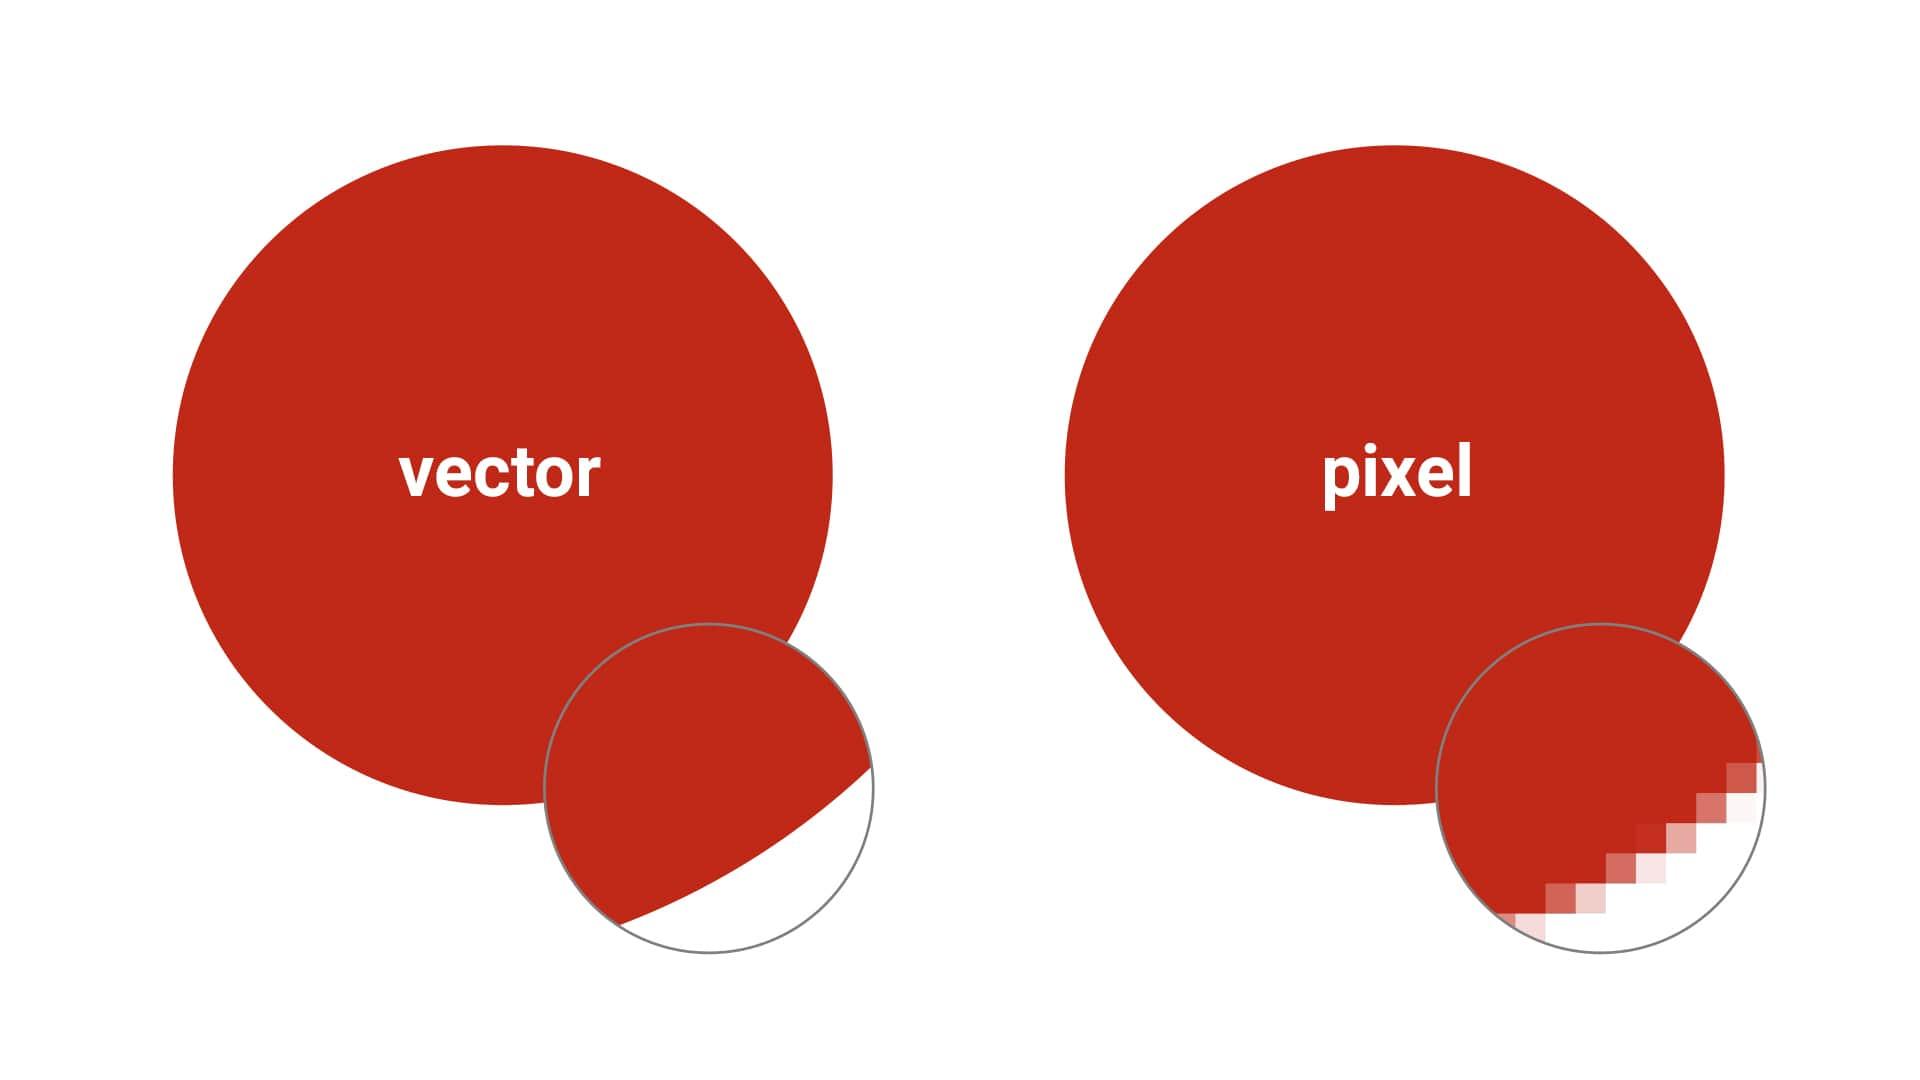 مقایسه تصاویر پیکسلی و برداری